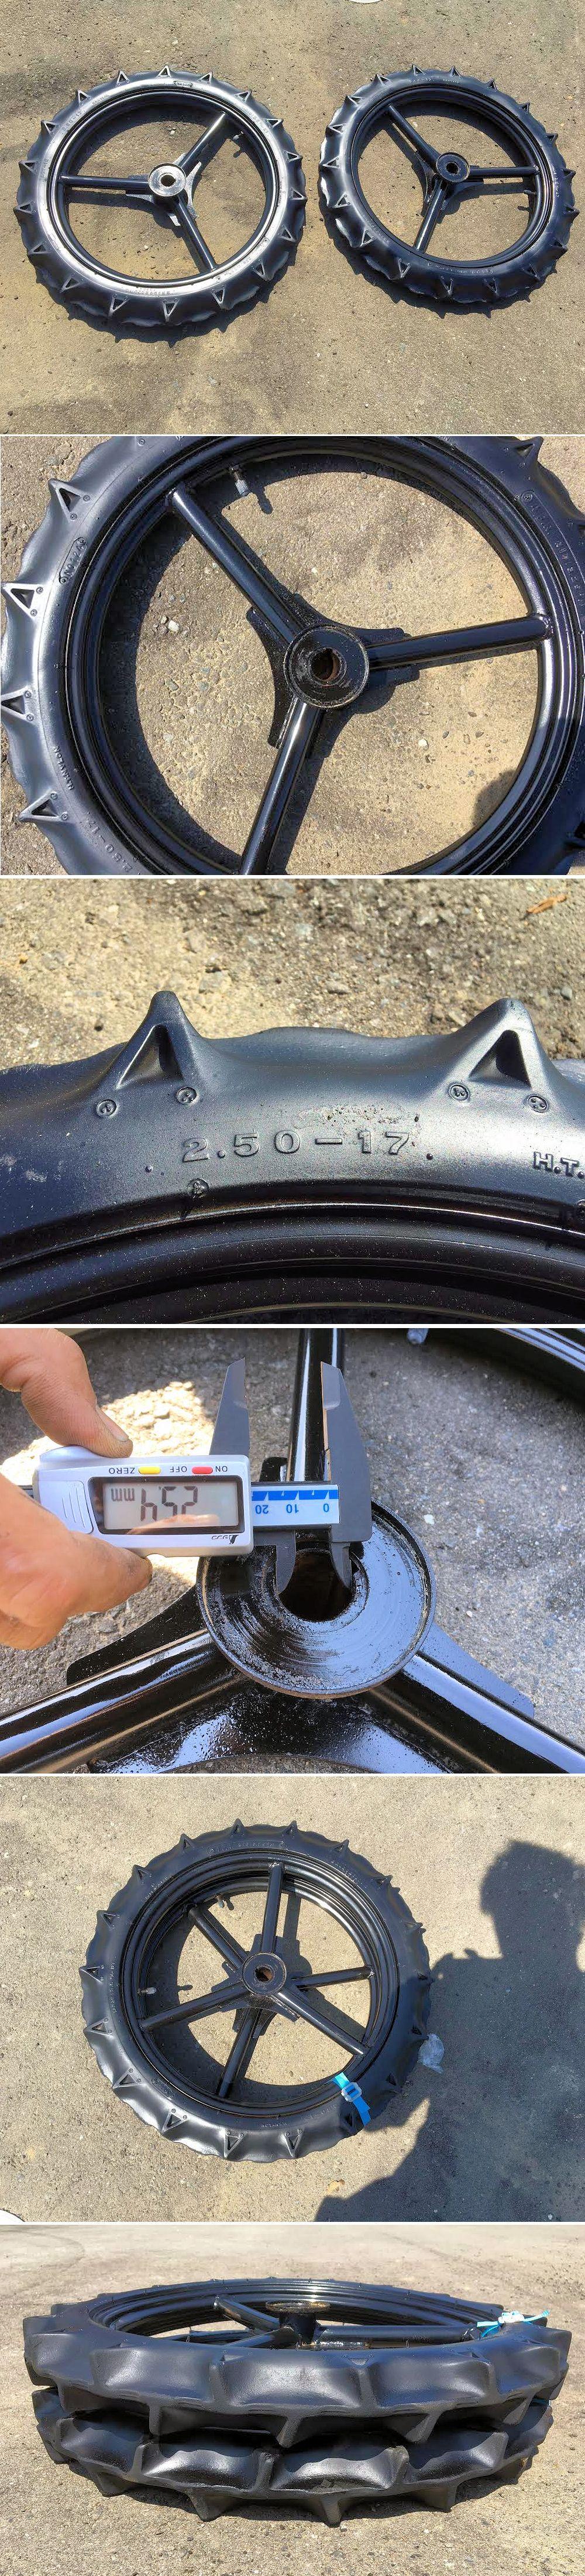 クボタ 田植機 ブリジストン サイズ2.50-17 前輪 極上美品 中古